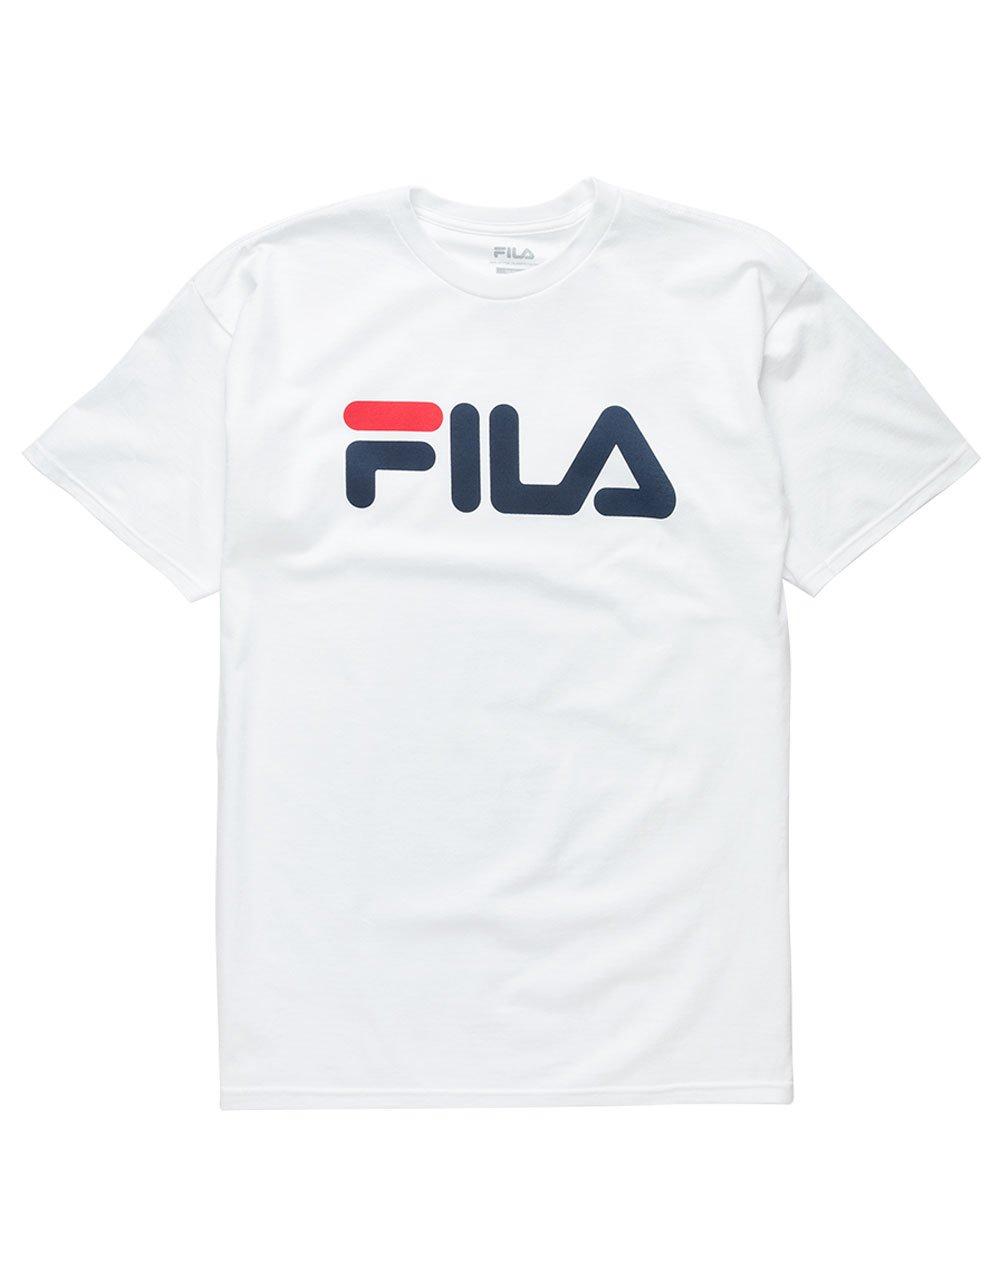 Fila Men's Printed Tee, White/Peacoat, Small